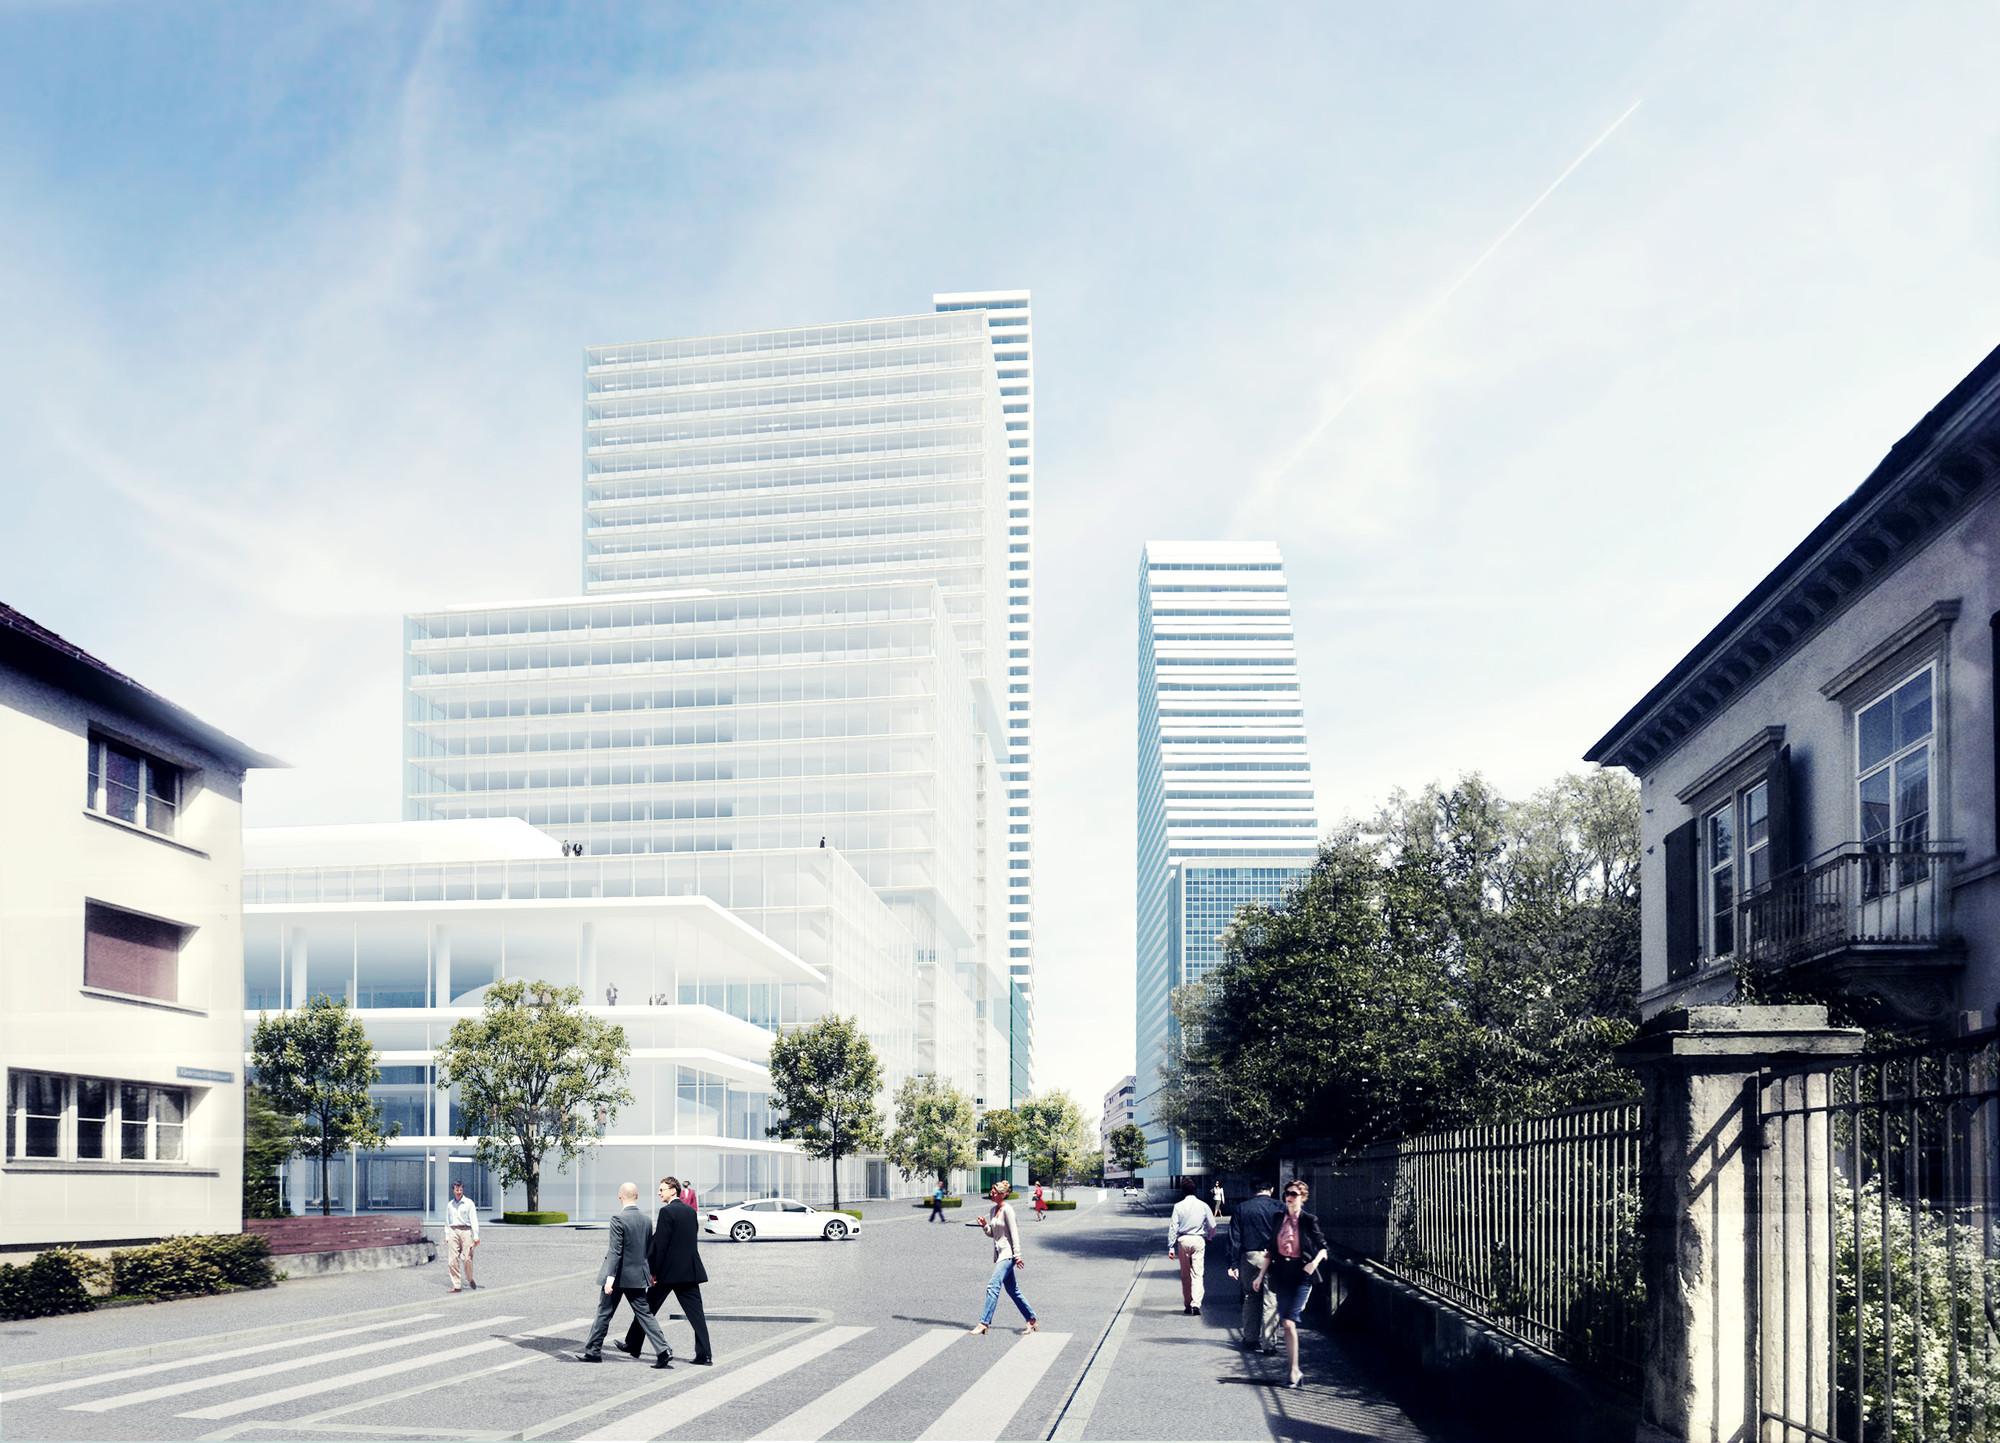 Herzog & de Meuron diseña una torre de 205 metros y un Centro de Investigación para una compañía farmacéutica suiza, © Herzog & de Meuron